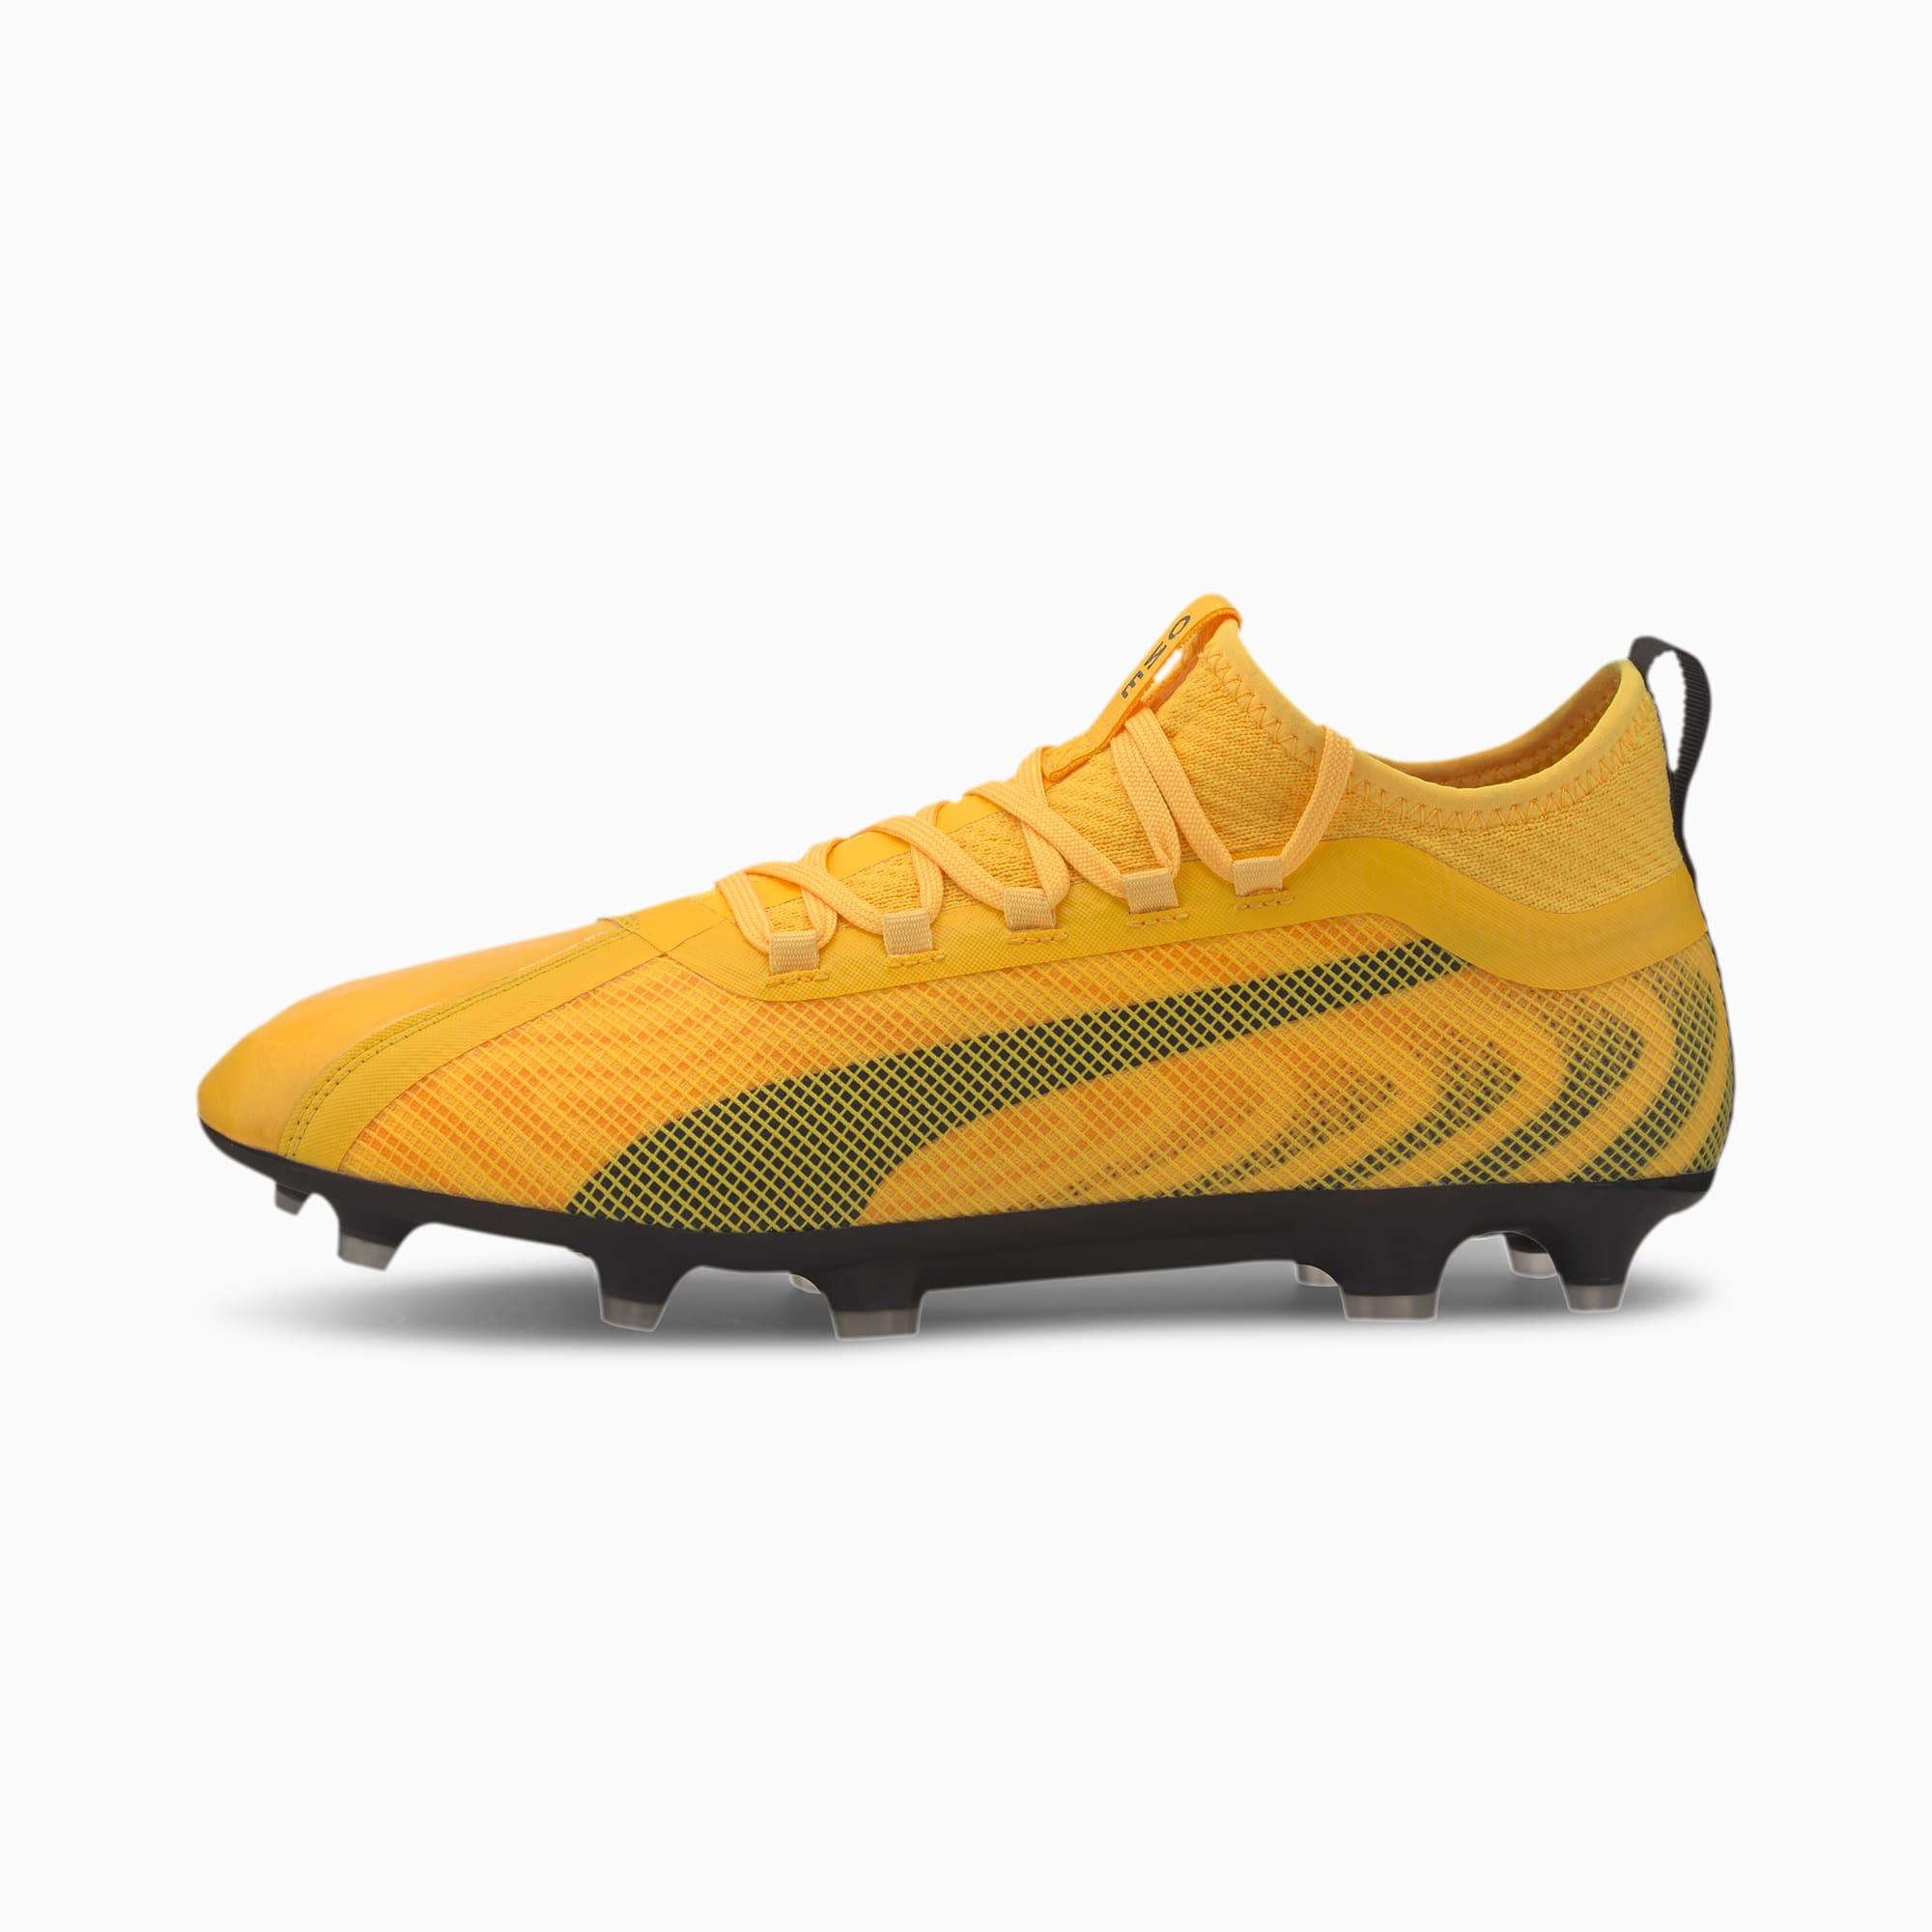 puma calcio scarpe bambini